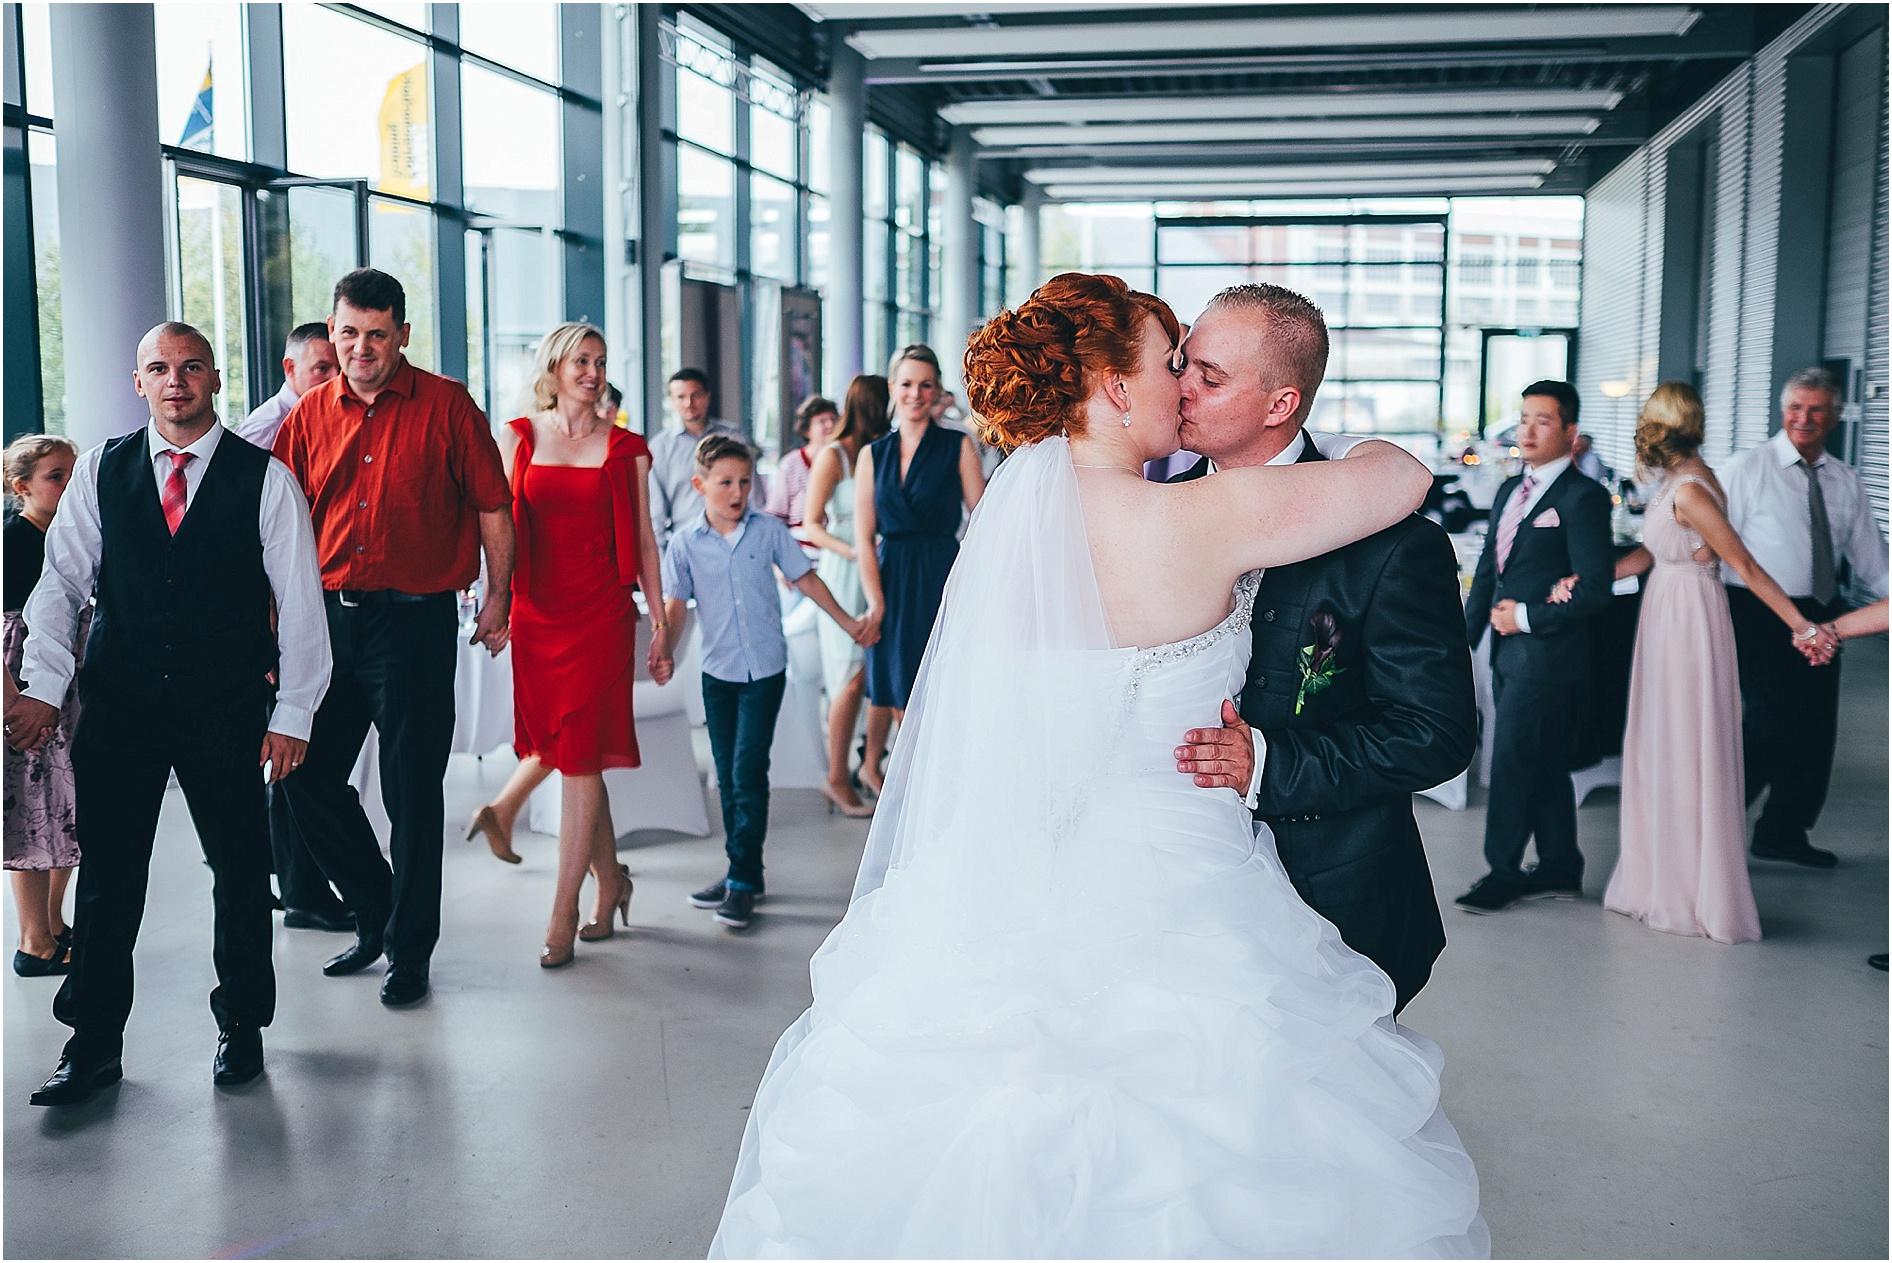 2014-11-20_0116 Lora & Daniel - Als Hochzeitsfotograf in Lüneburg